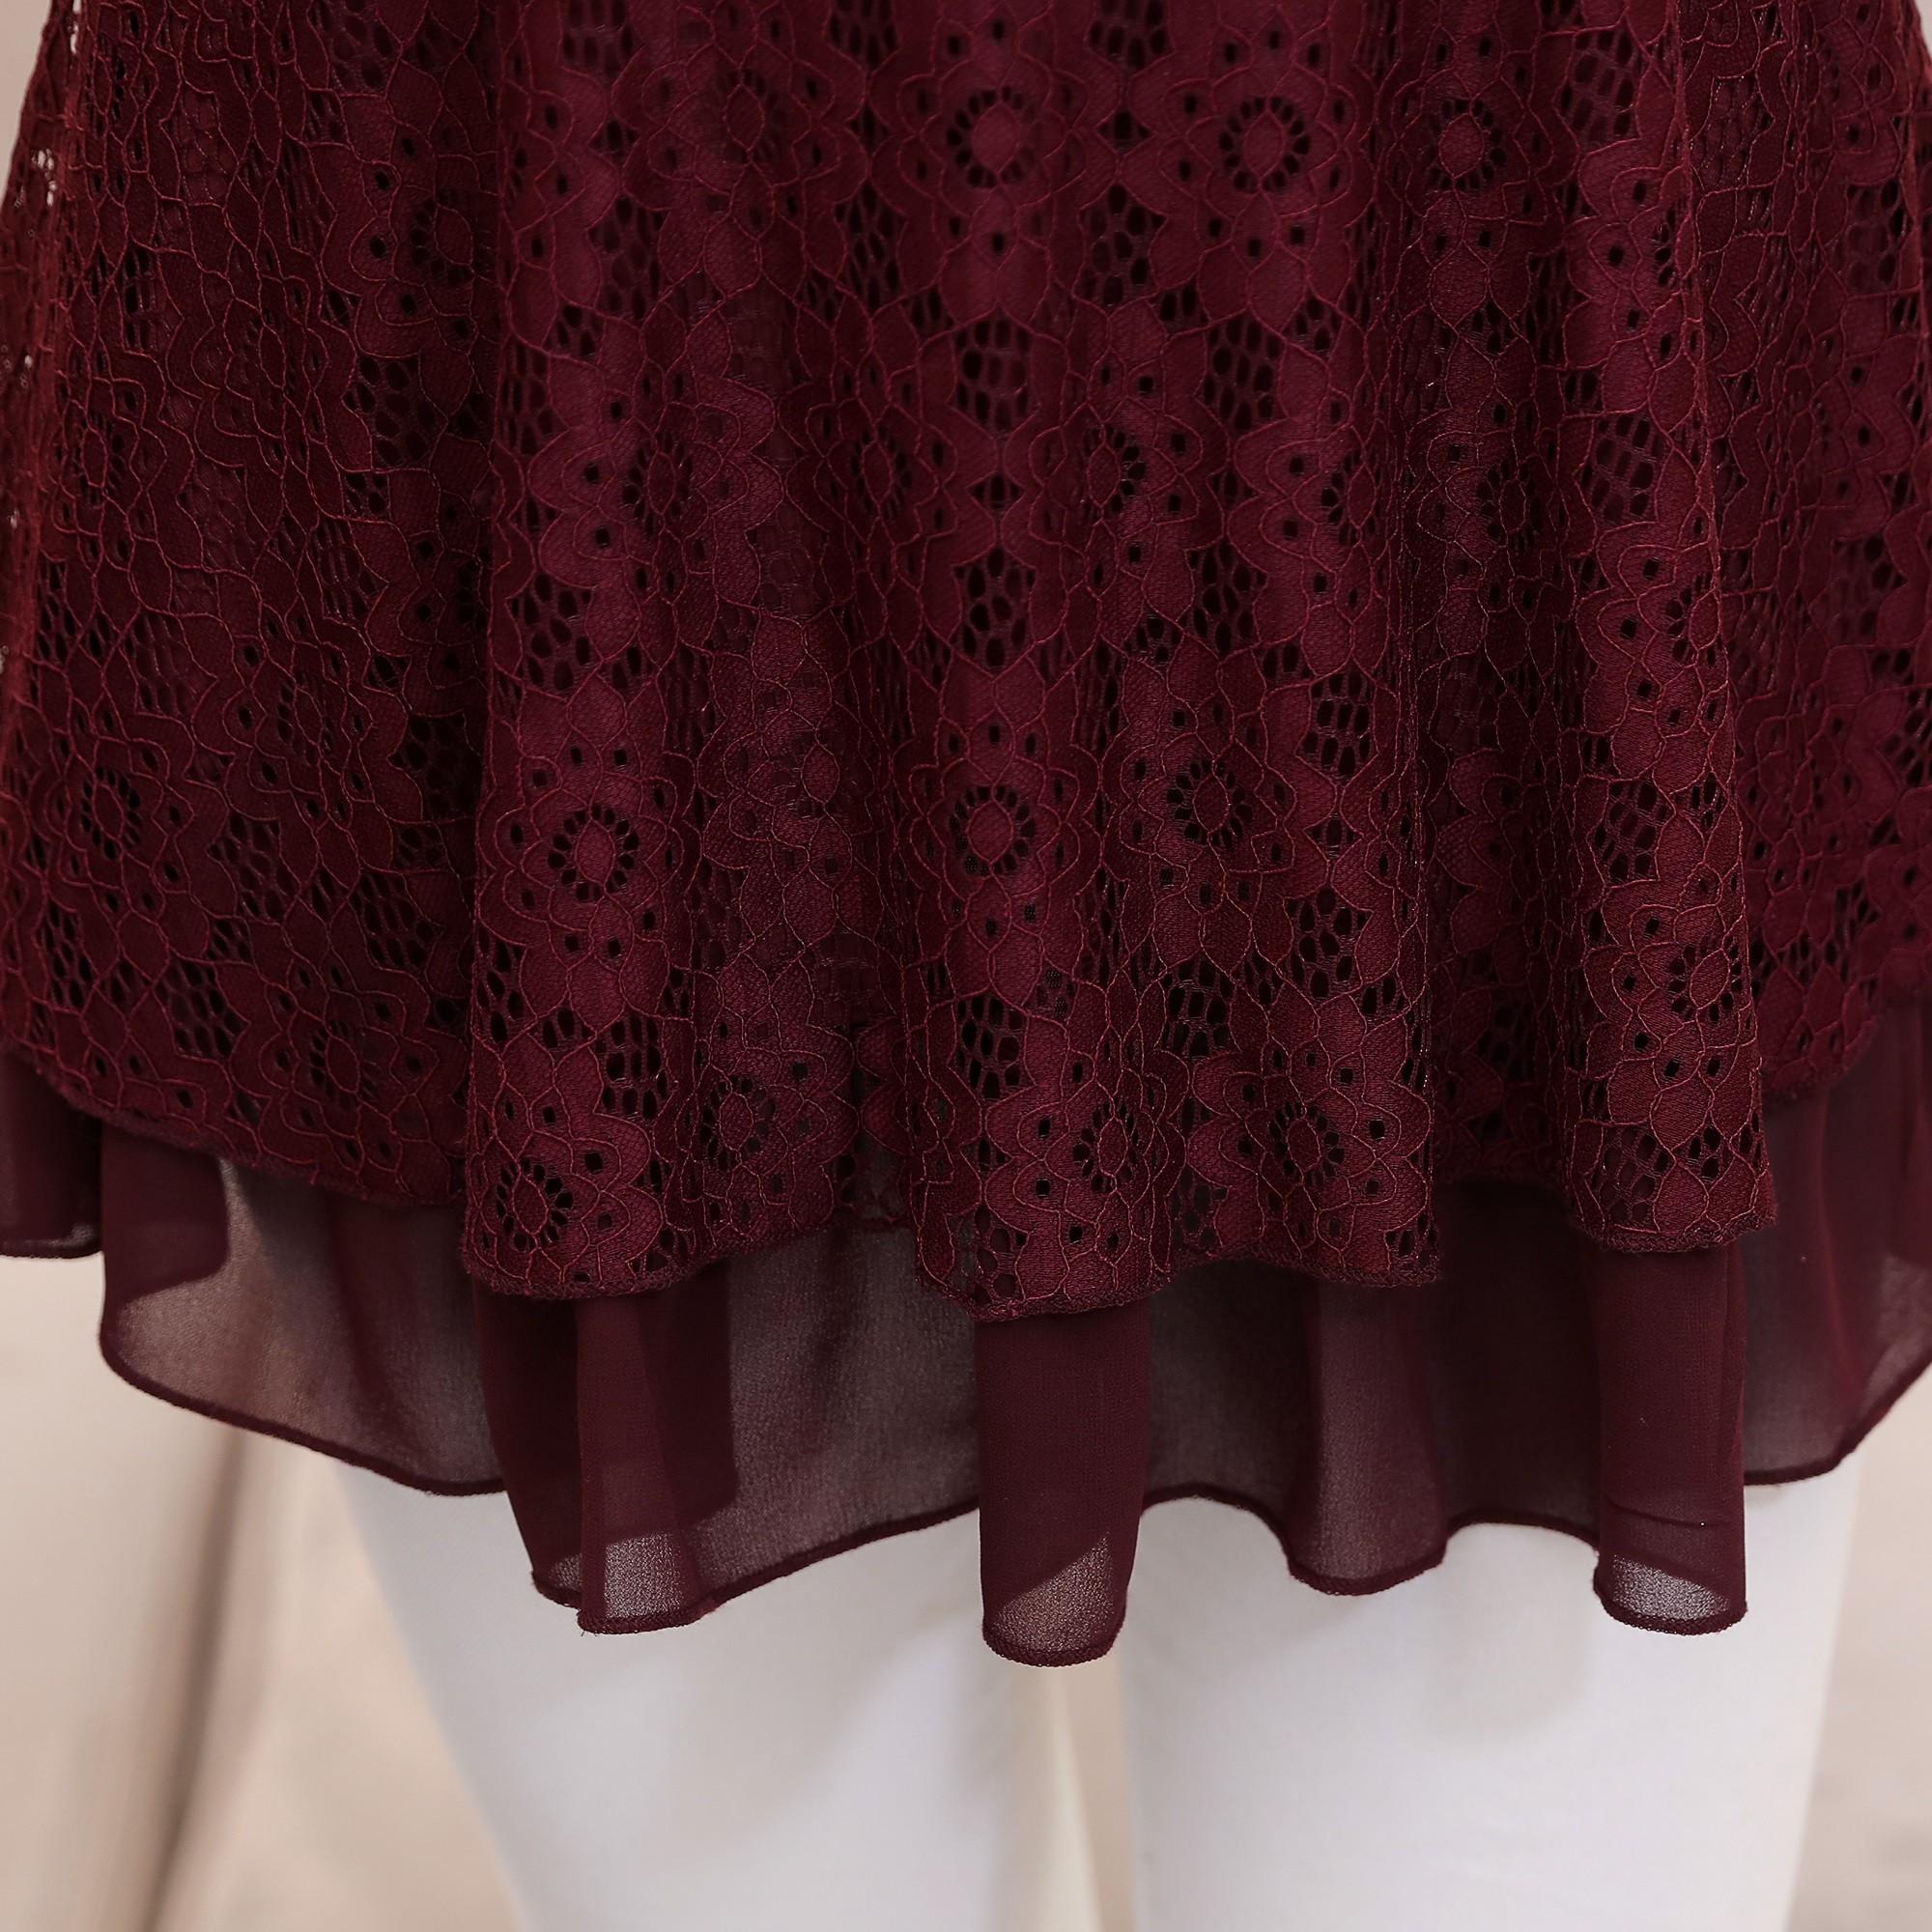 中老年女装秋装长袖T恤蕾丝打底衫女妈妈装40-50岁上衣秋冬连衣裙